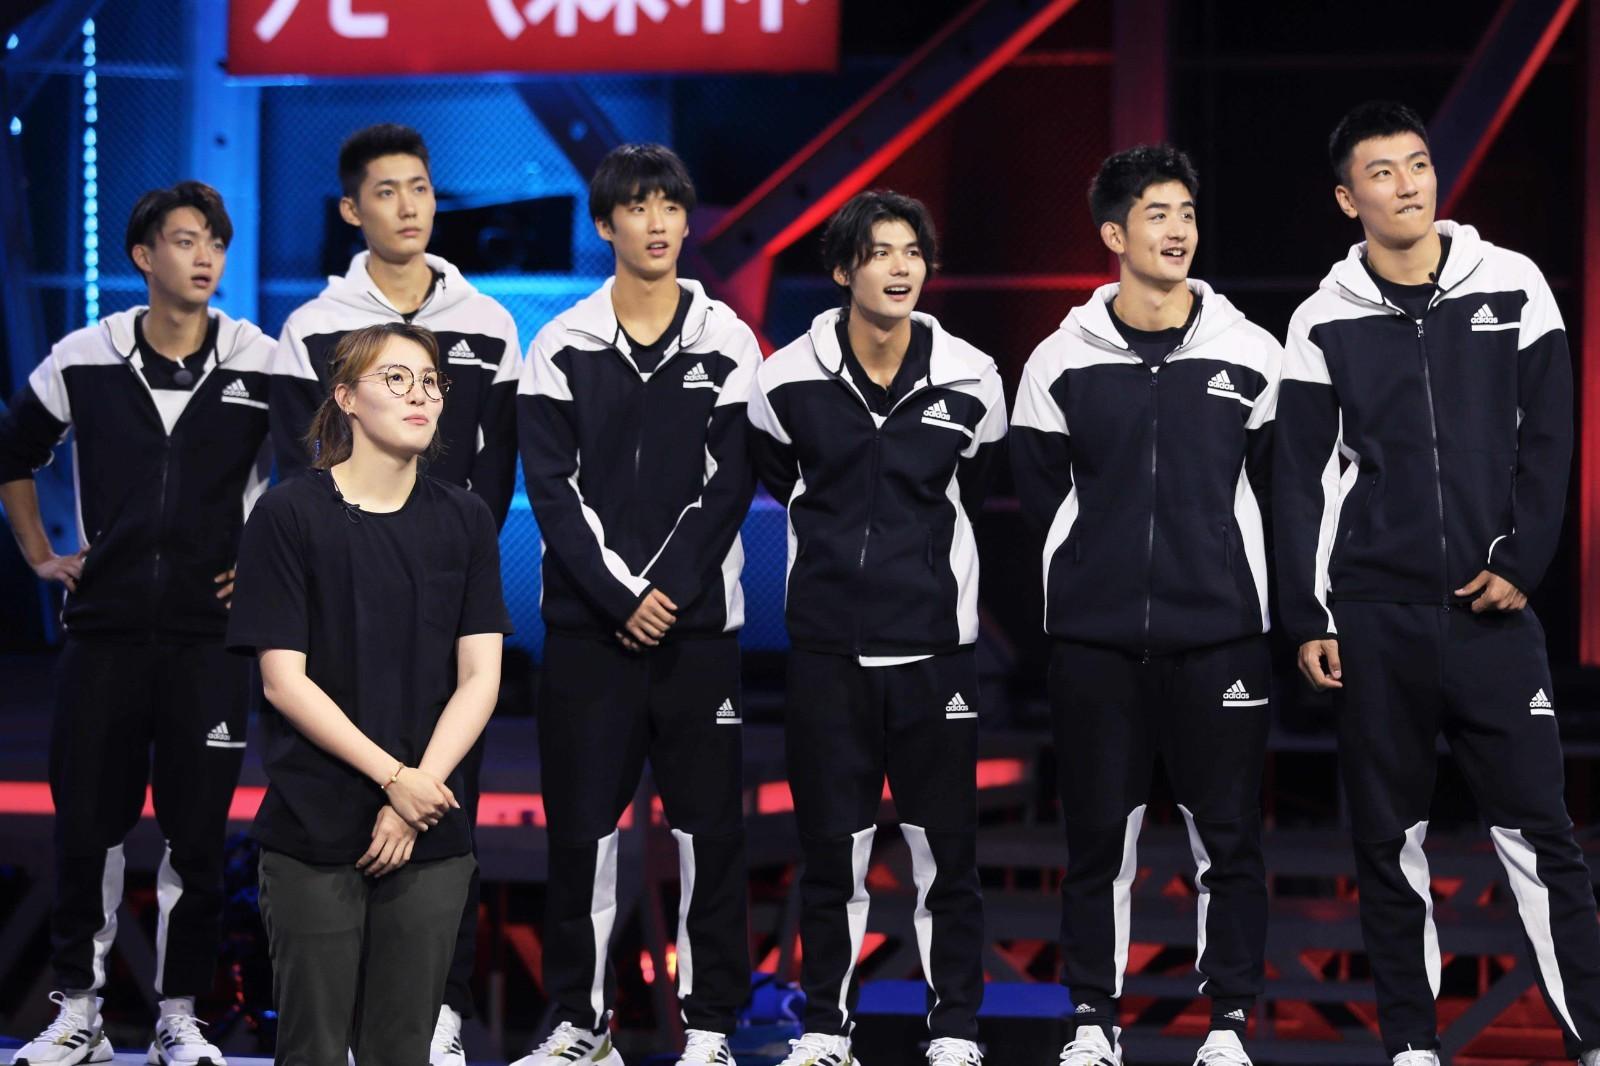 《运动吧少年》收视四网第一,阿迪达斯助力选手进阶最强运动男团